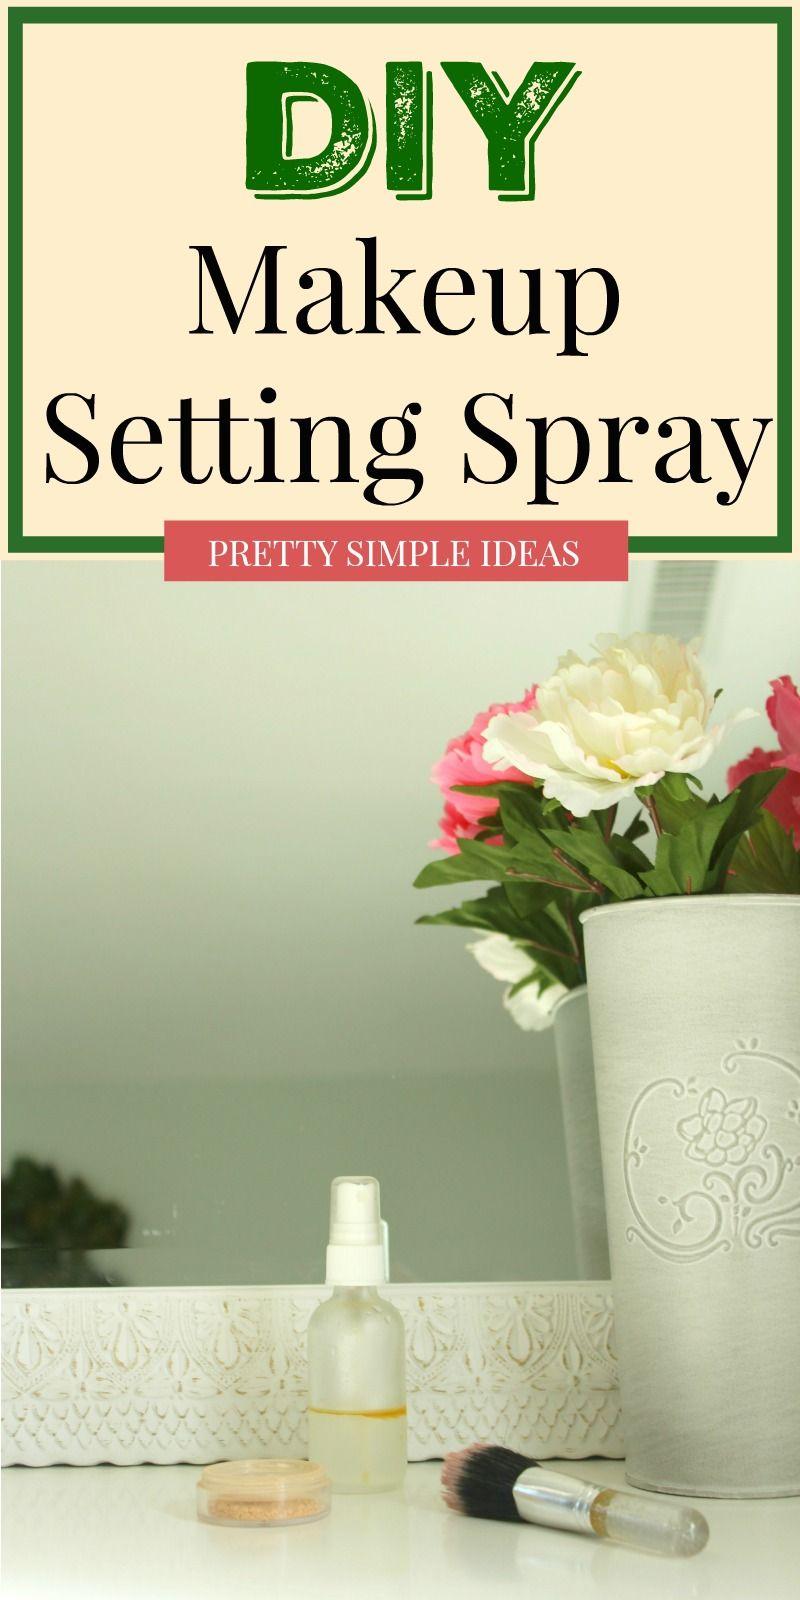 DIY Makeup Setting Spray Diy makeup setting spray